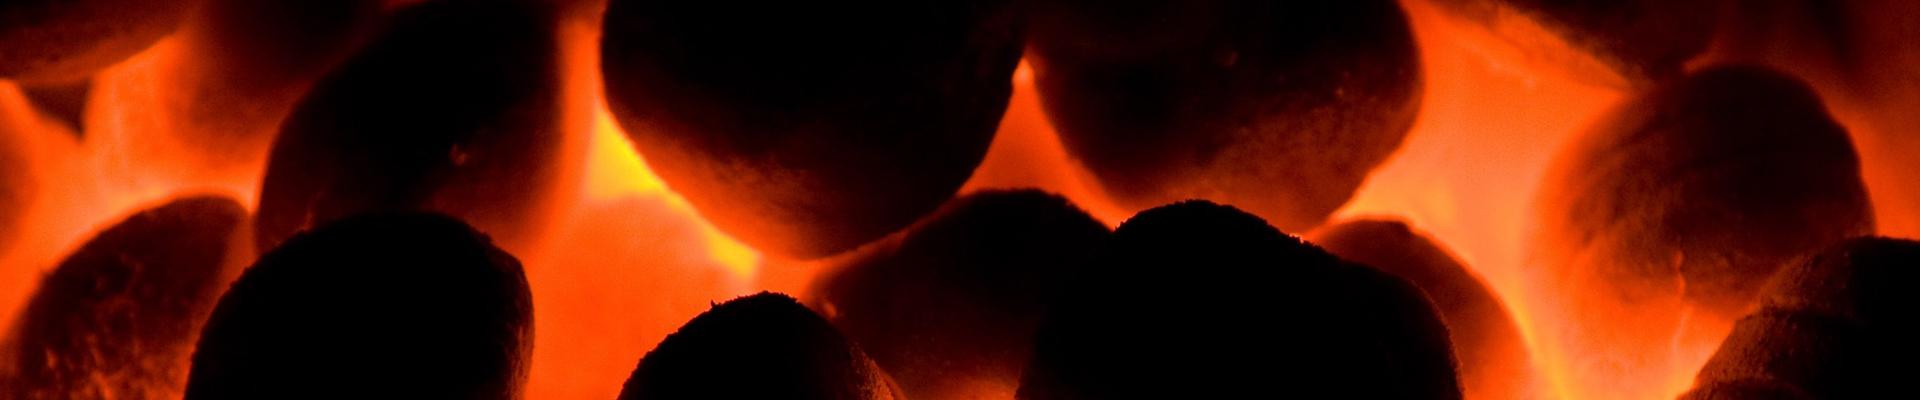 Coal, Wood and Alternative Fuels